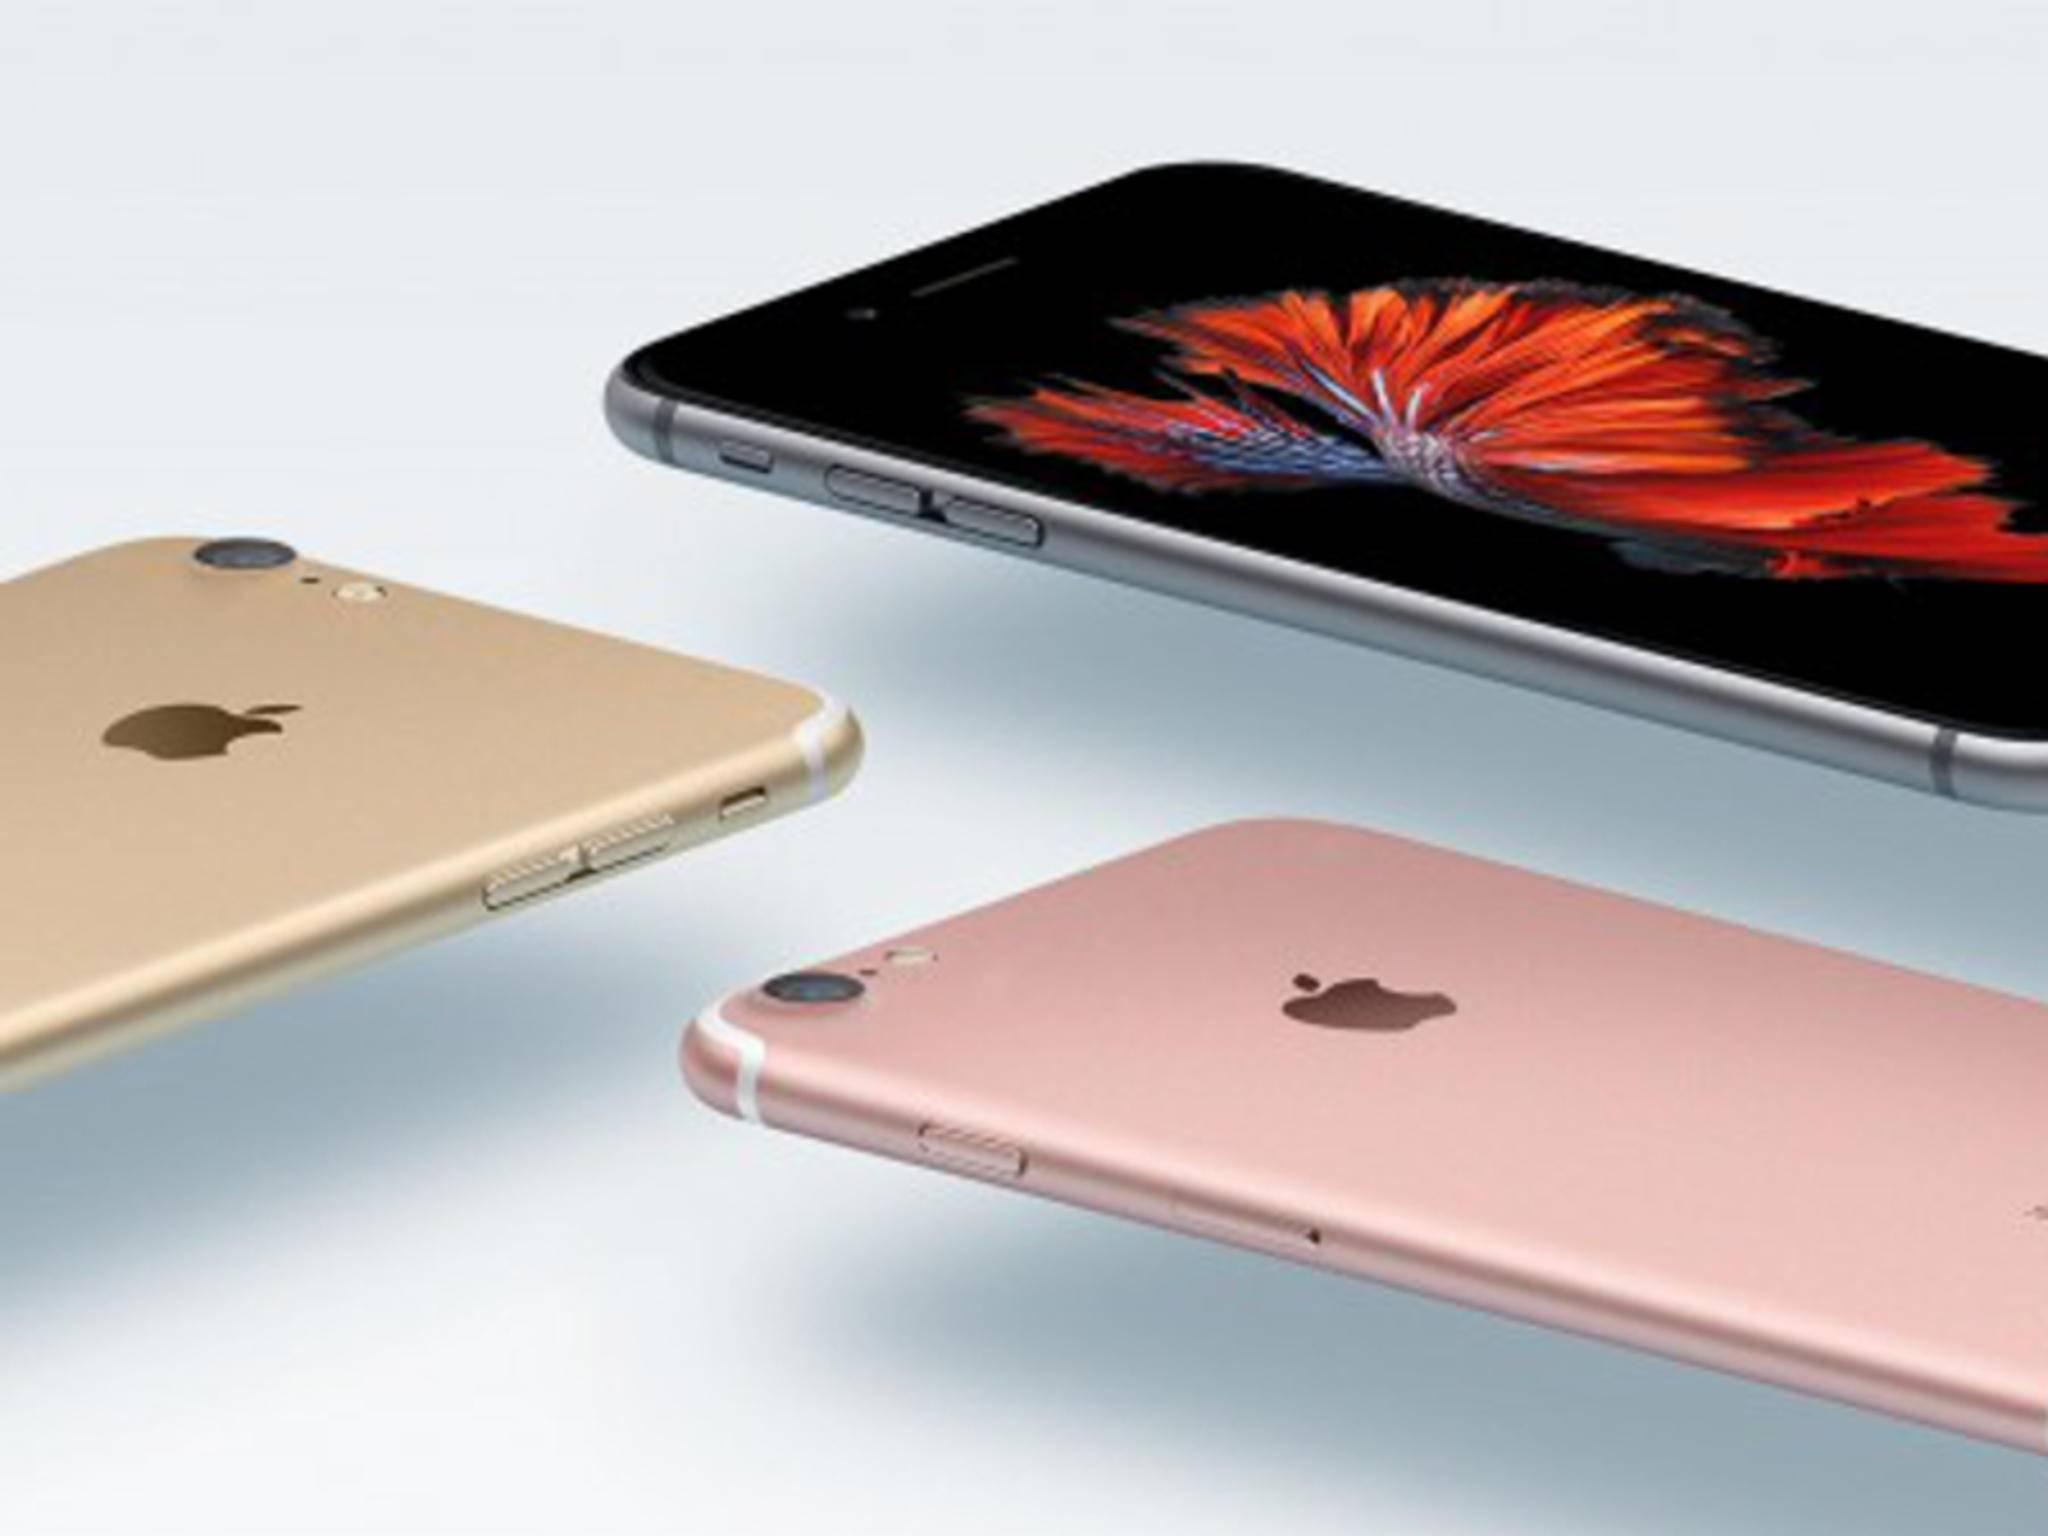 Das iPhone 7 könnte ohne normalen Kopfhöreranschluss wieder schlanker ausfallen.